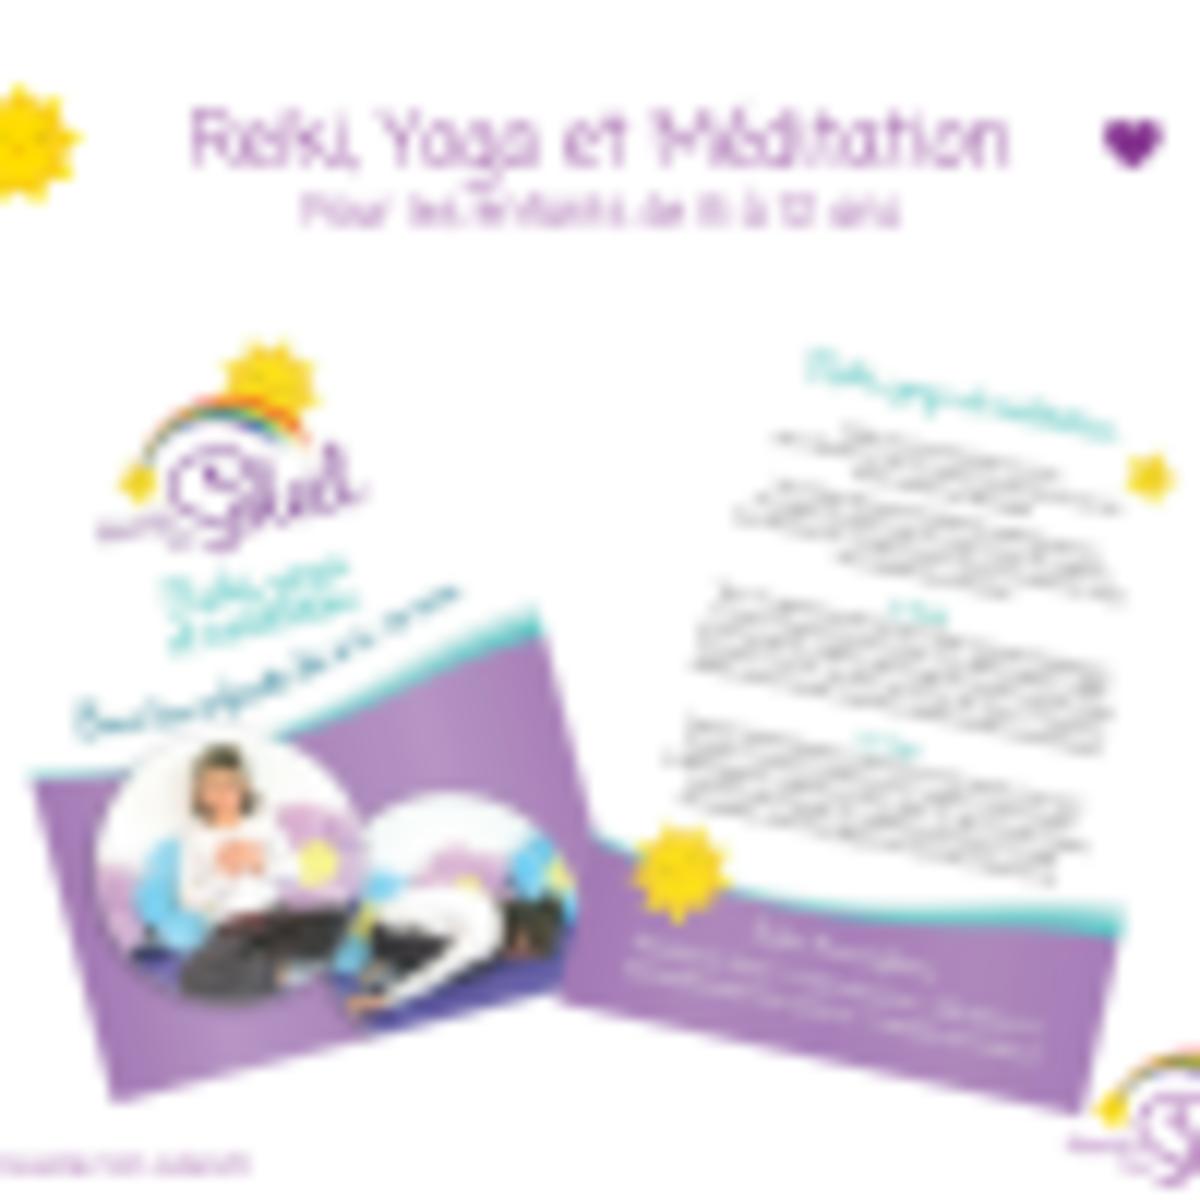 Atelier de Reiki, Yoga et Méditation enfants de 7 à 12 ans - Réveille ton soleil